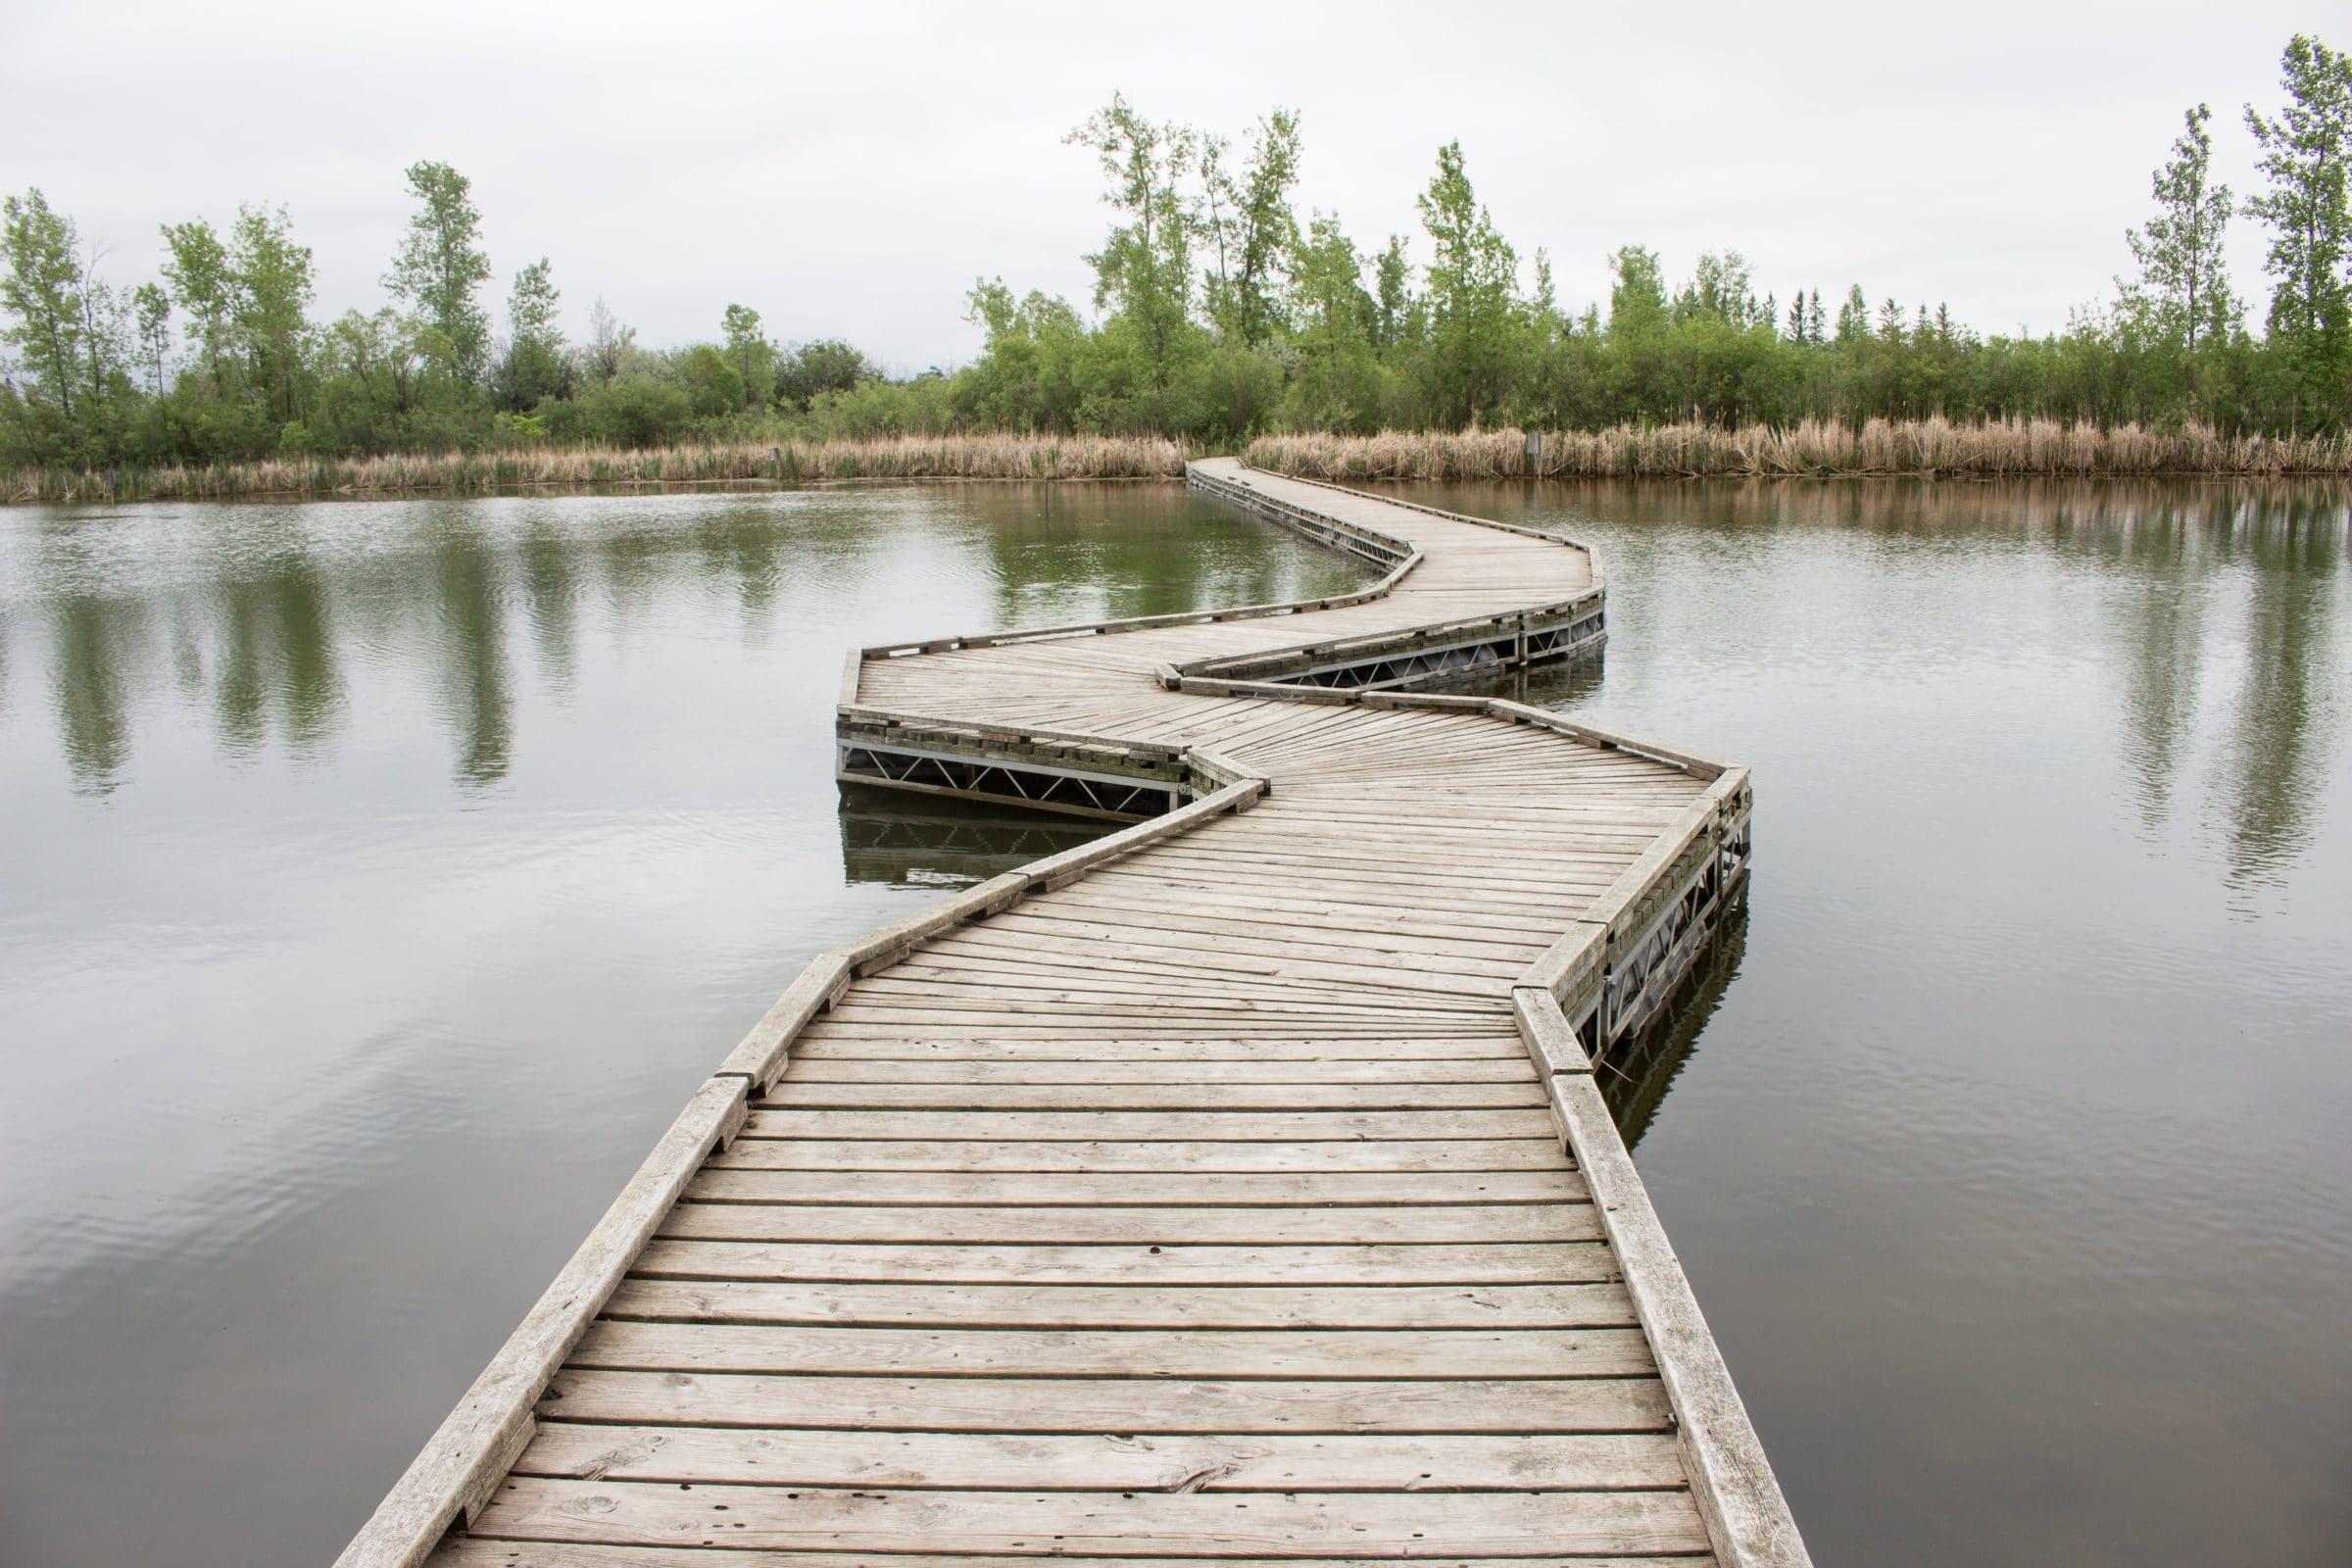 Floating boardwalk